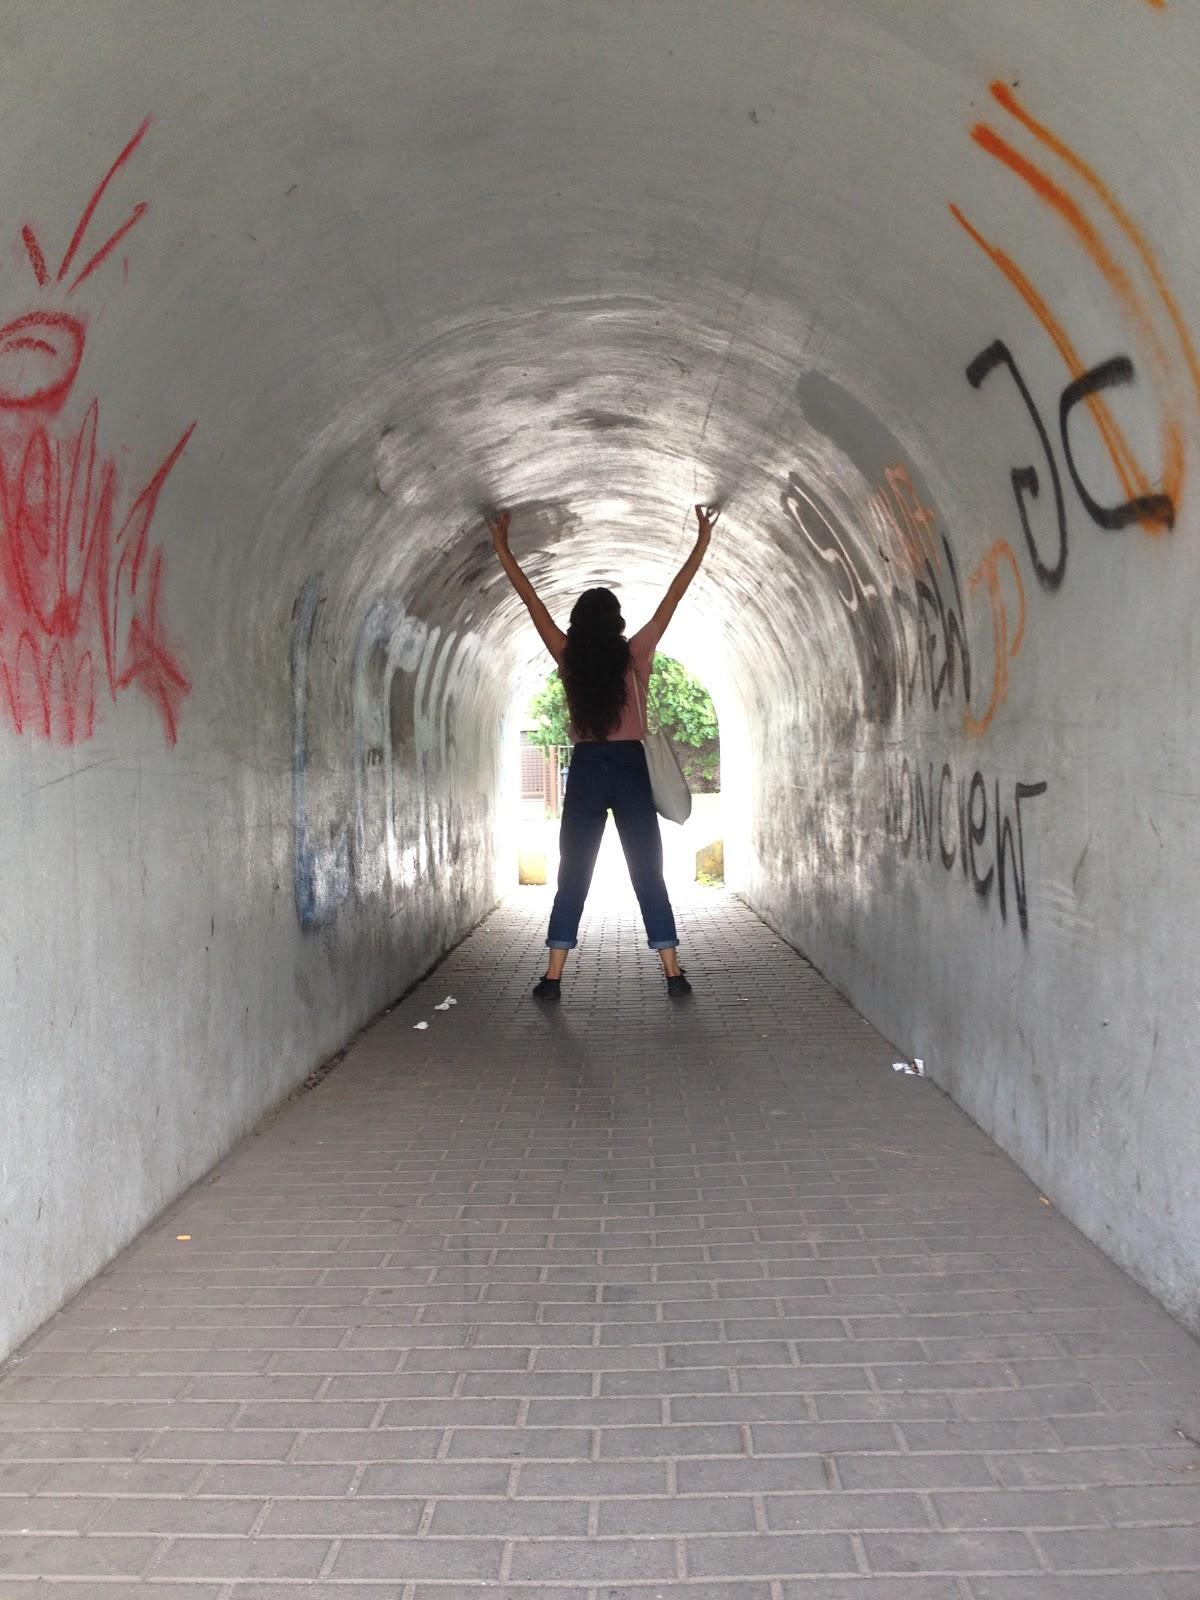 junikowo pamiętnik skok w dzieciństwo wakacje tunel